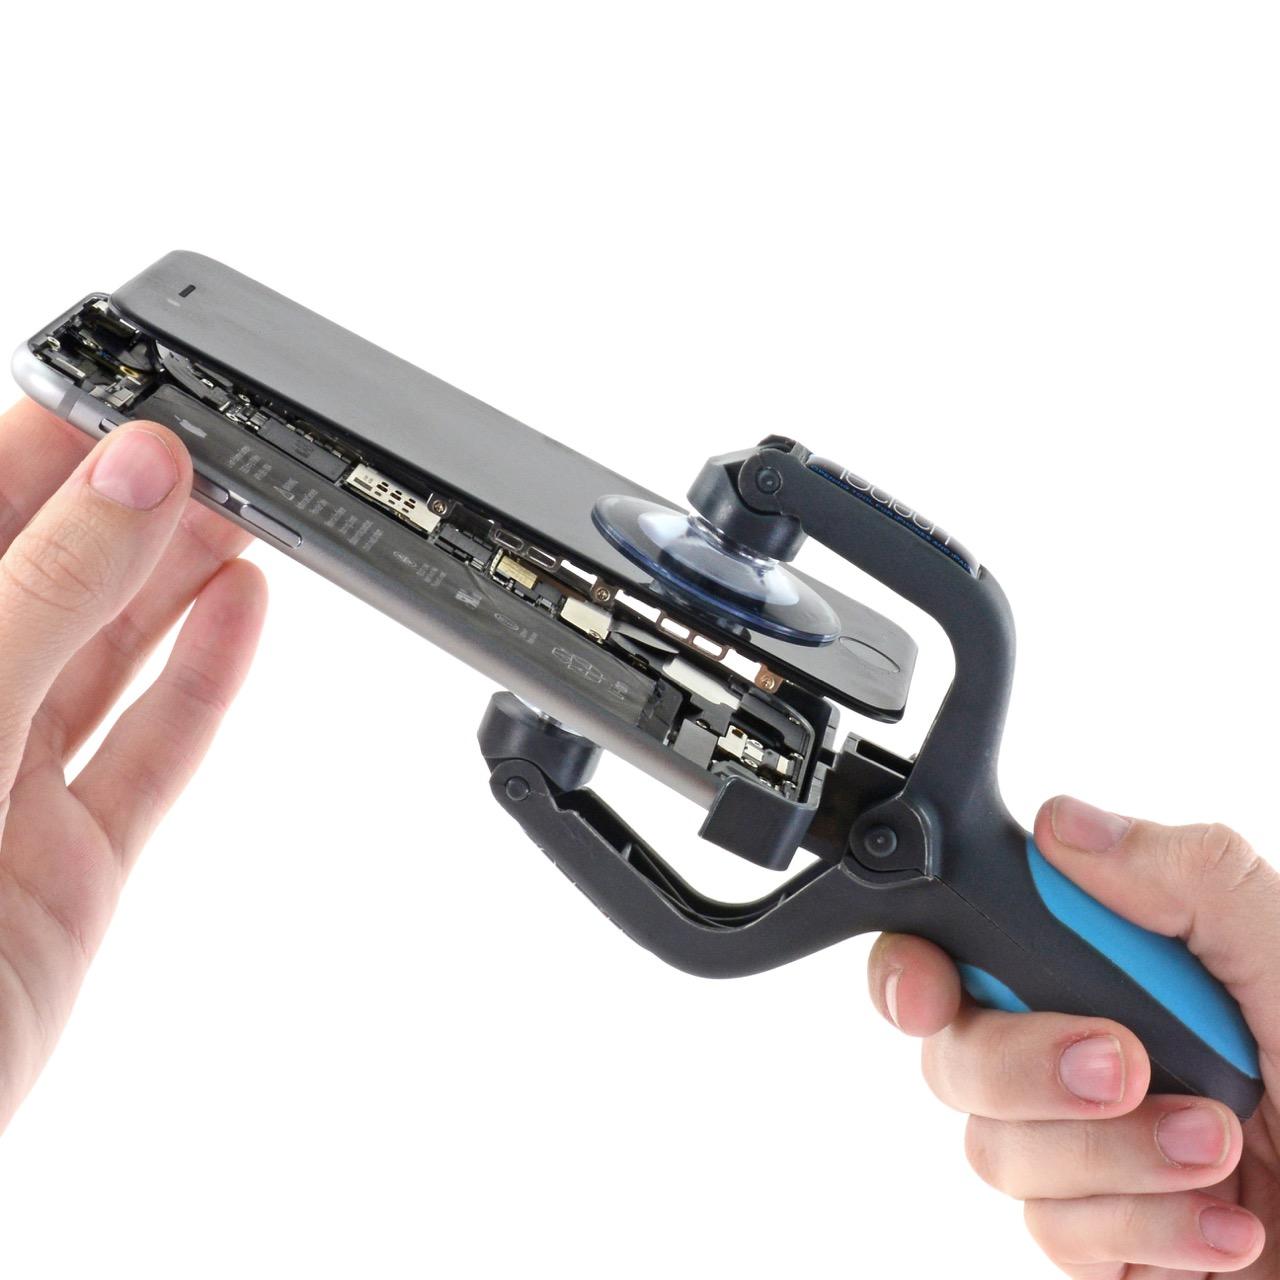 iFixit Tools $1